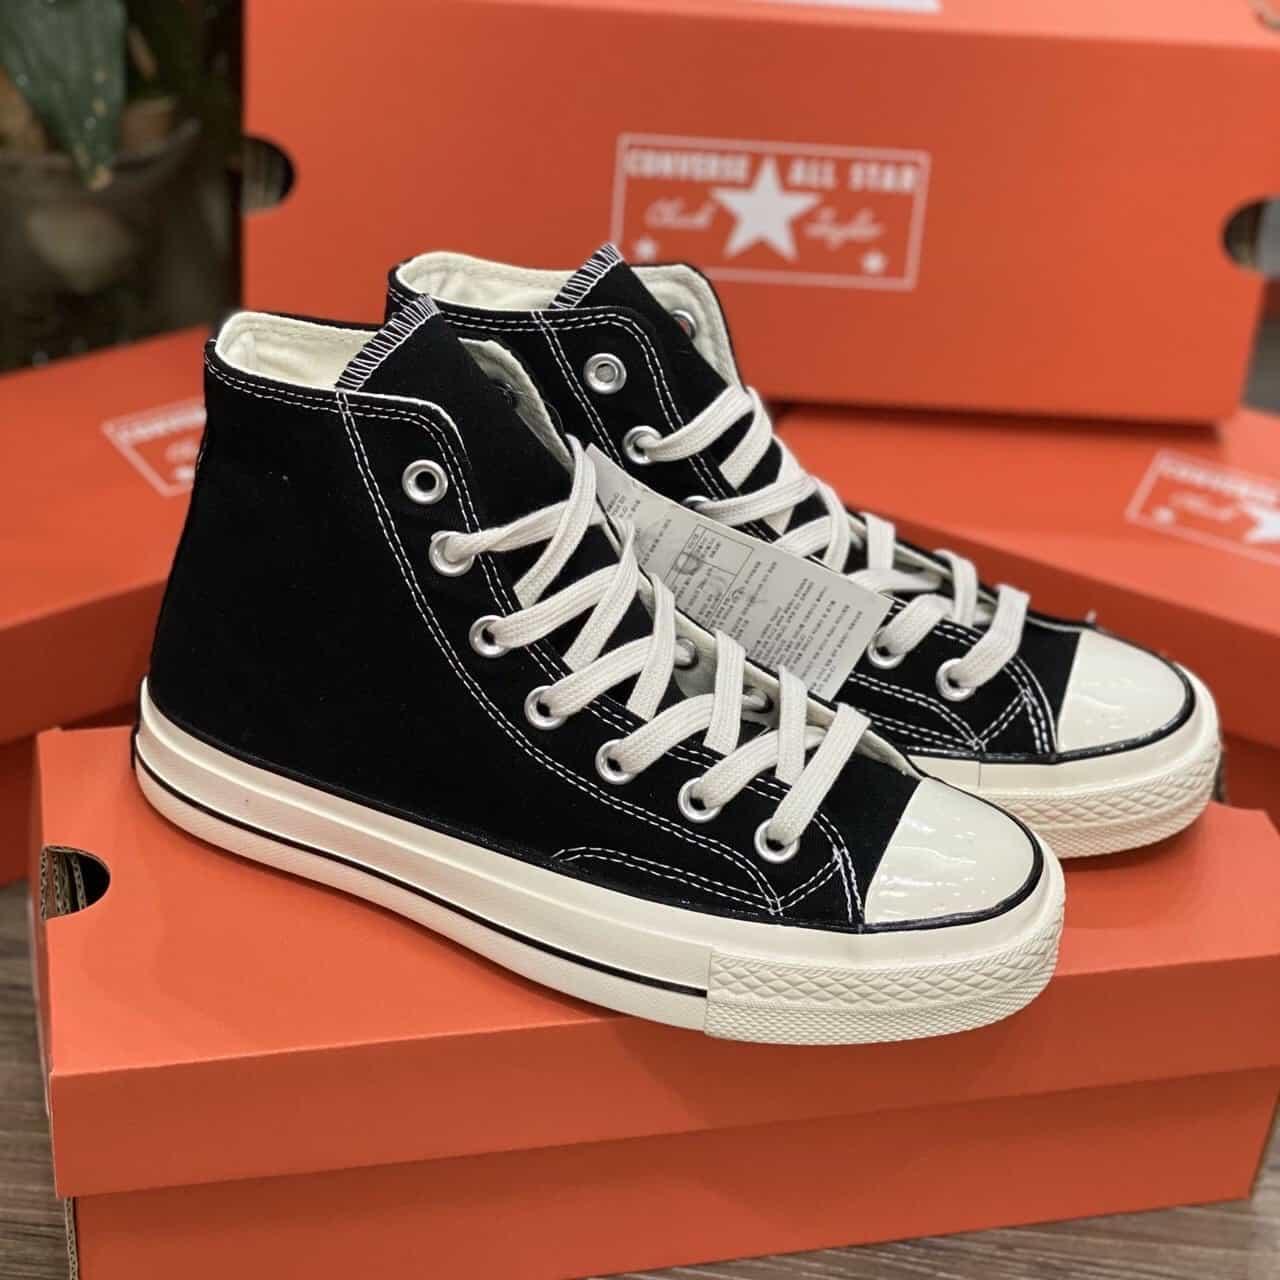 Giày Converse cổ cao đen trắng quen thuộc trong lòng giới trẻ